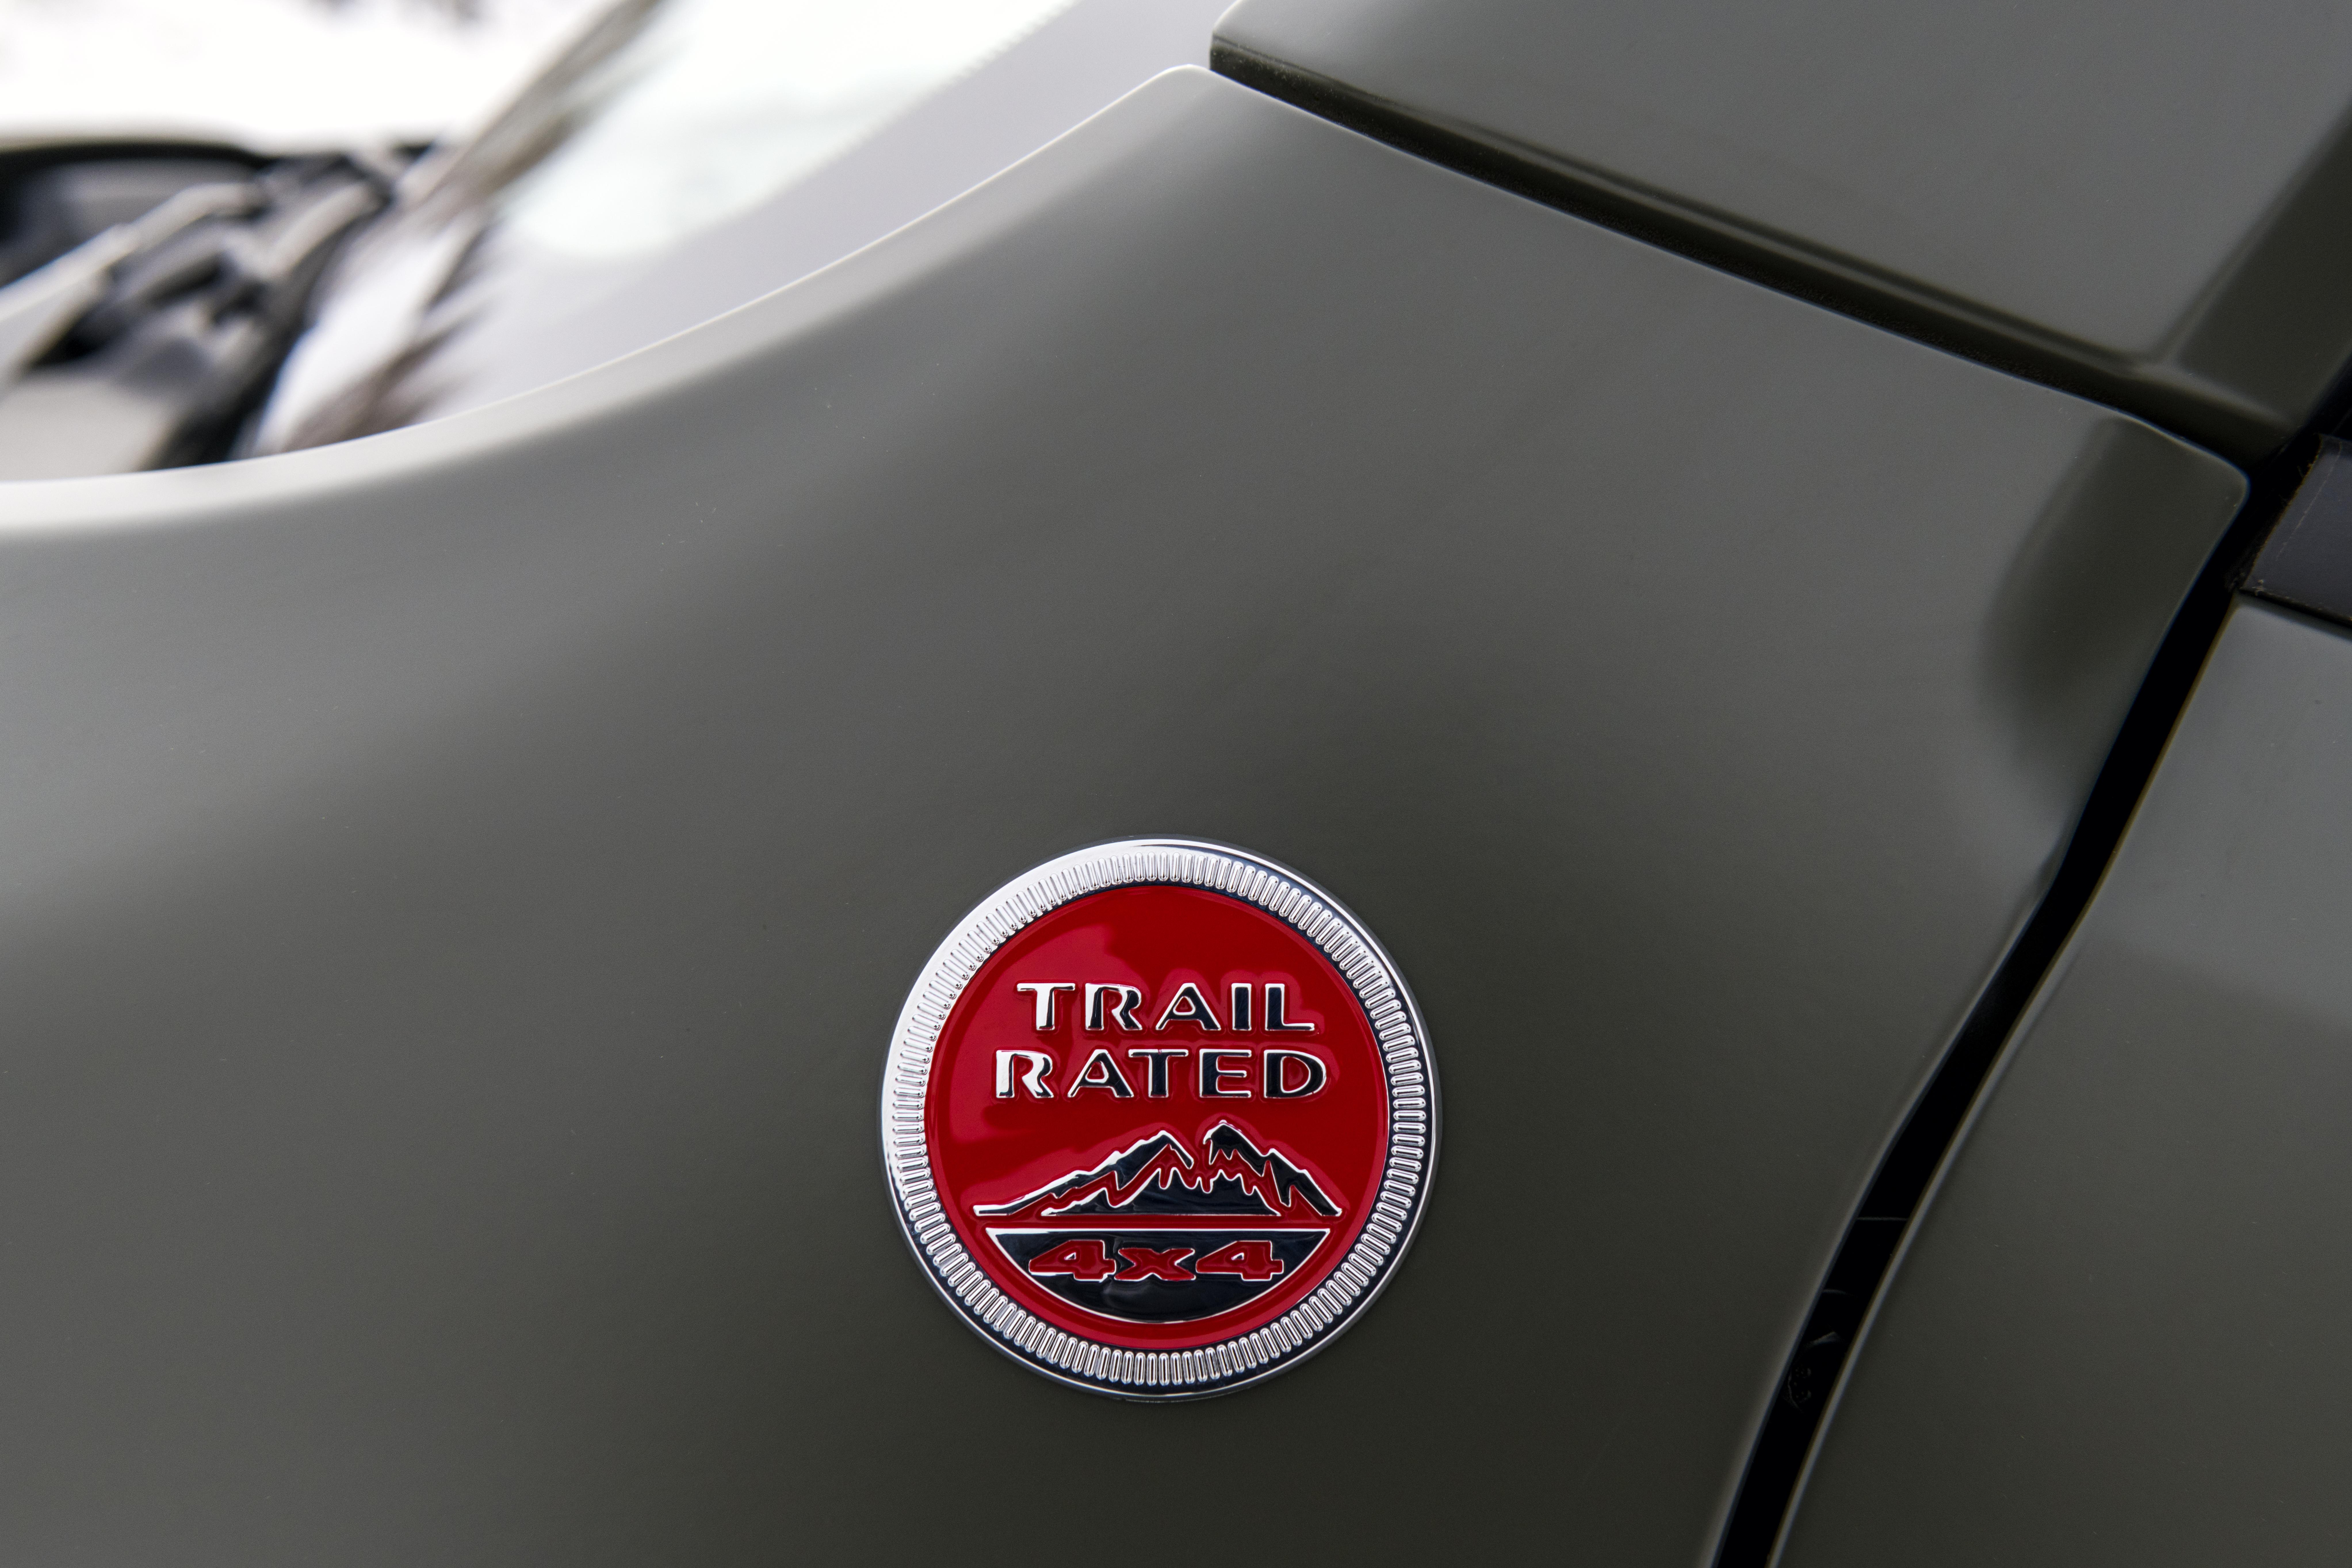 180129_Jeep_Renegade-my18_13 Noul Jeep Renegade 2019 a fost dezvaluit la Salonul Auto de la Torino